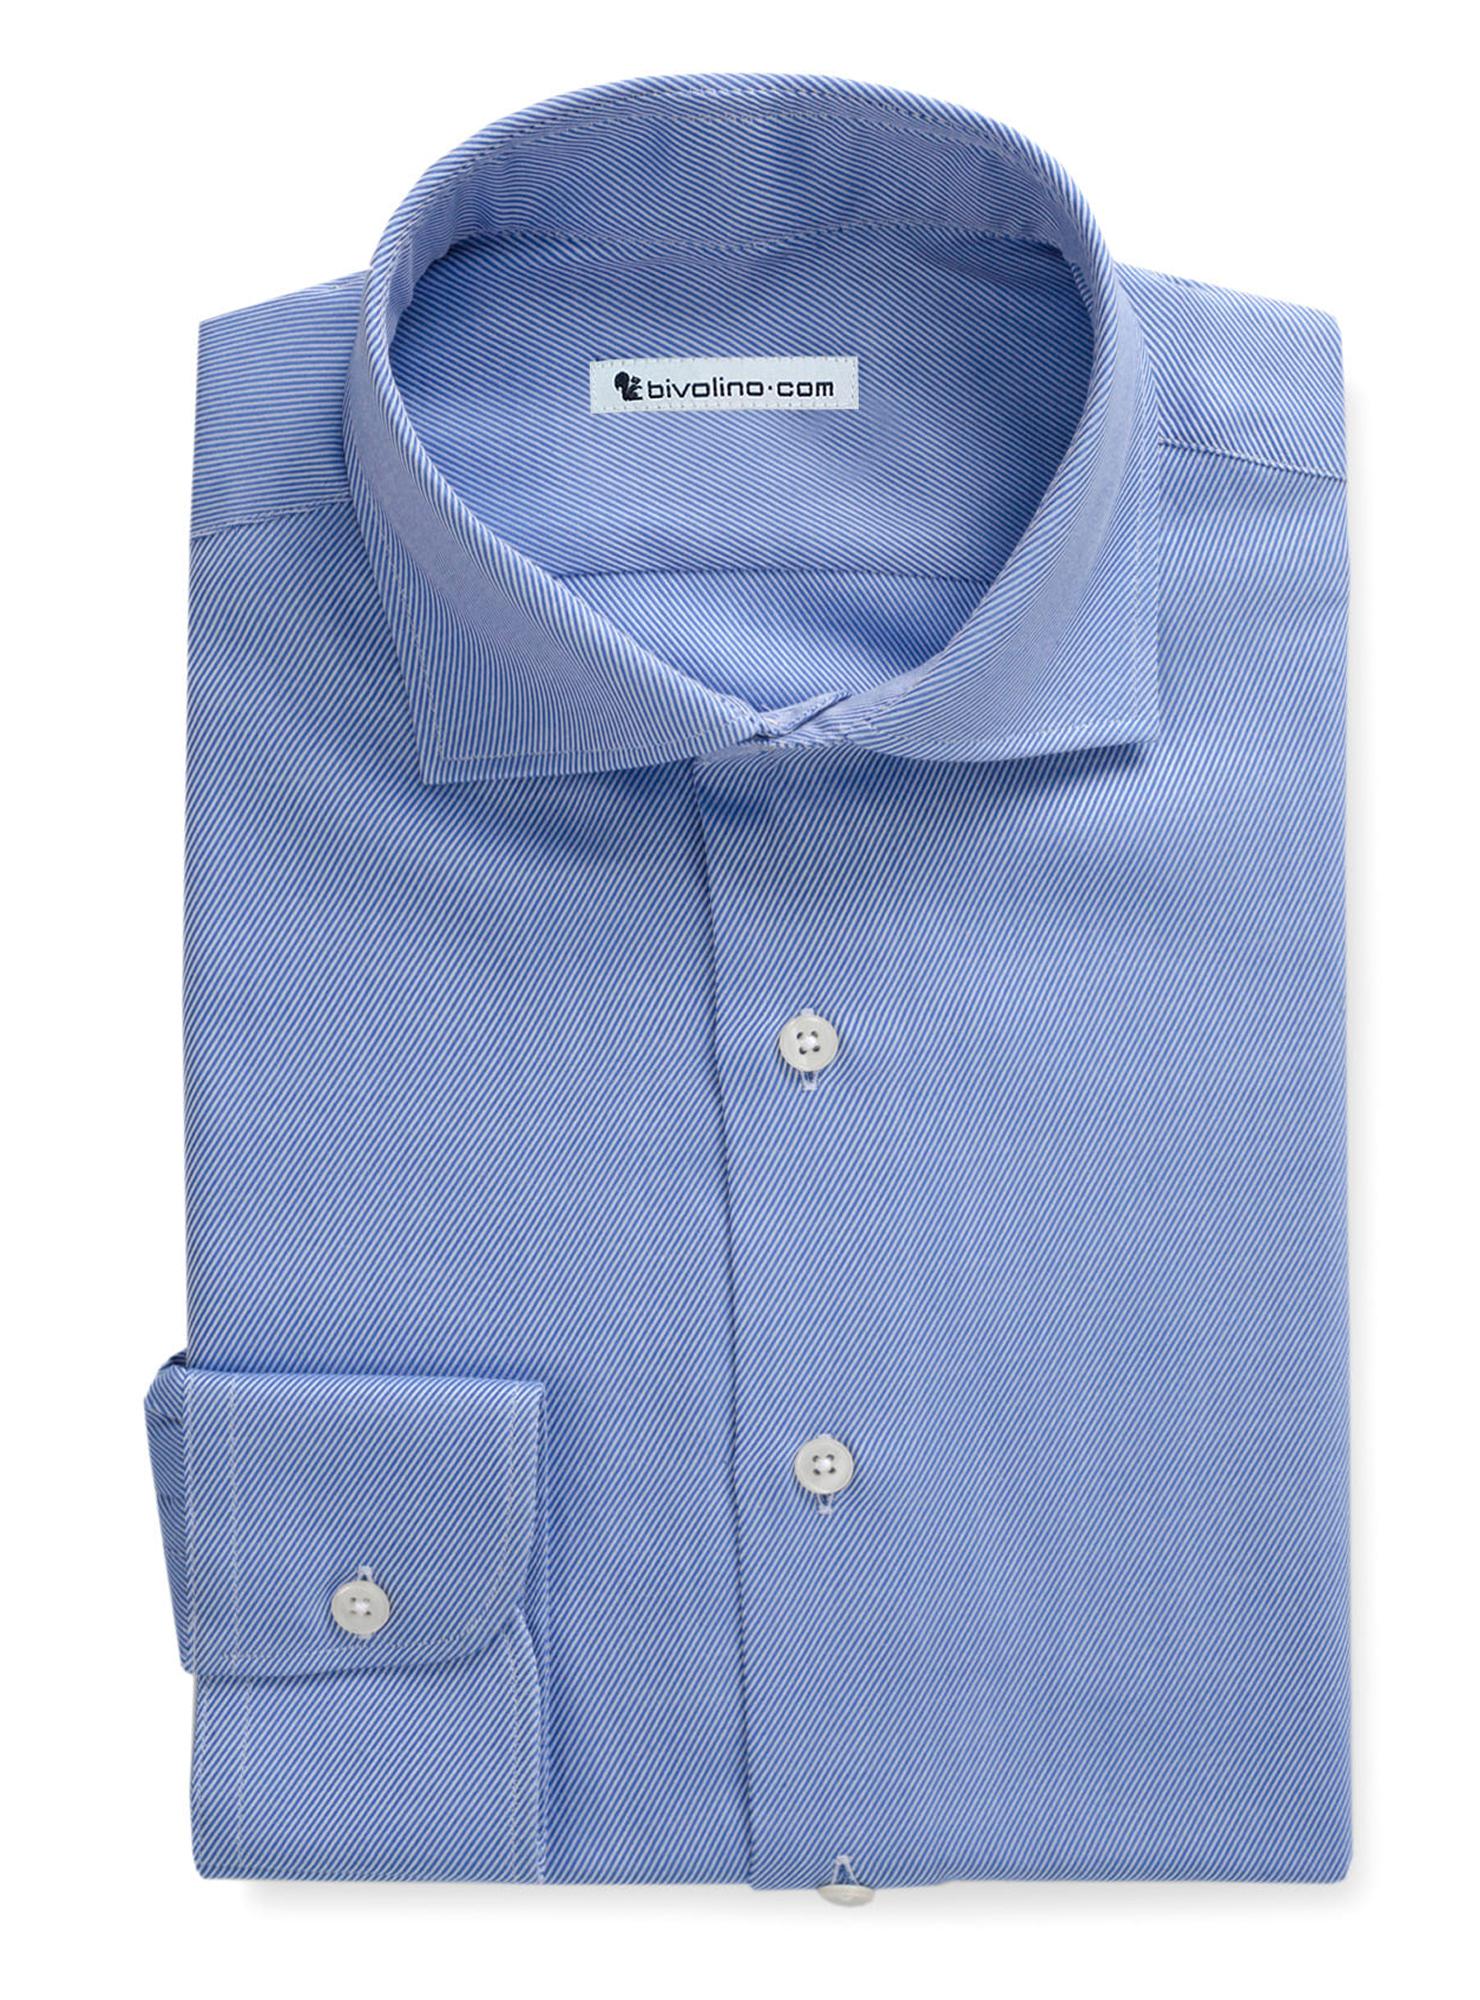 PERIGLIANO - chemise twill uni bleu vif - ROCO 3